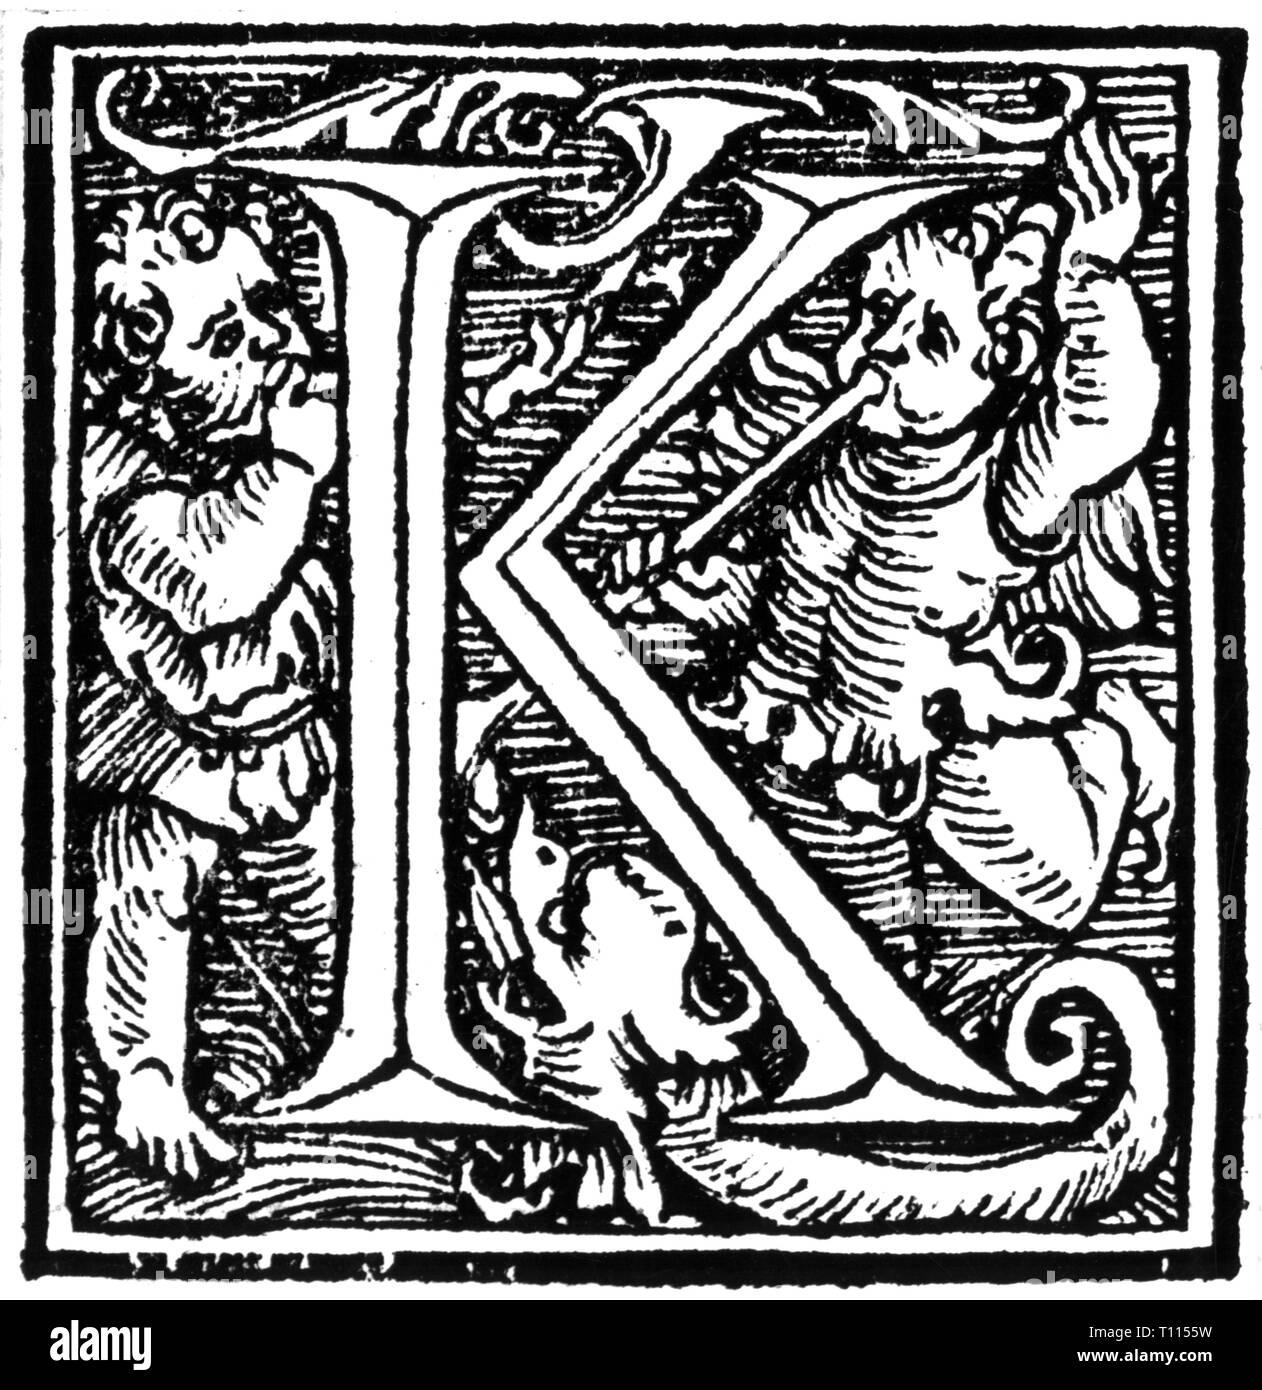 """L'écriture, script, Latin, Capitalis Monumentalis, première 'K', à partir de: 'Liber quindecim Missarum"""", imprimé par Johannes Petreius, Nuremberg, 1539, Additional-Rights Clearance-Info-Not-Available- Photo Stock"""